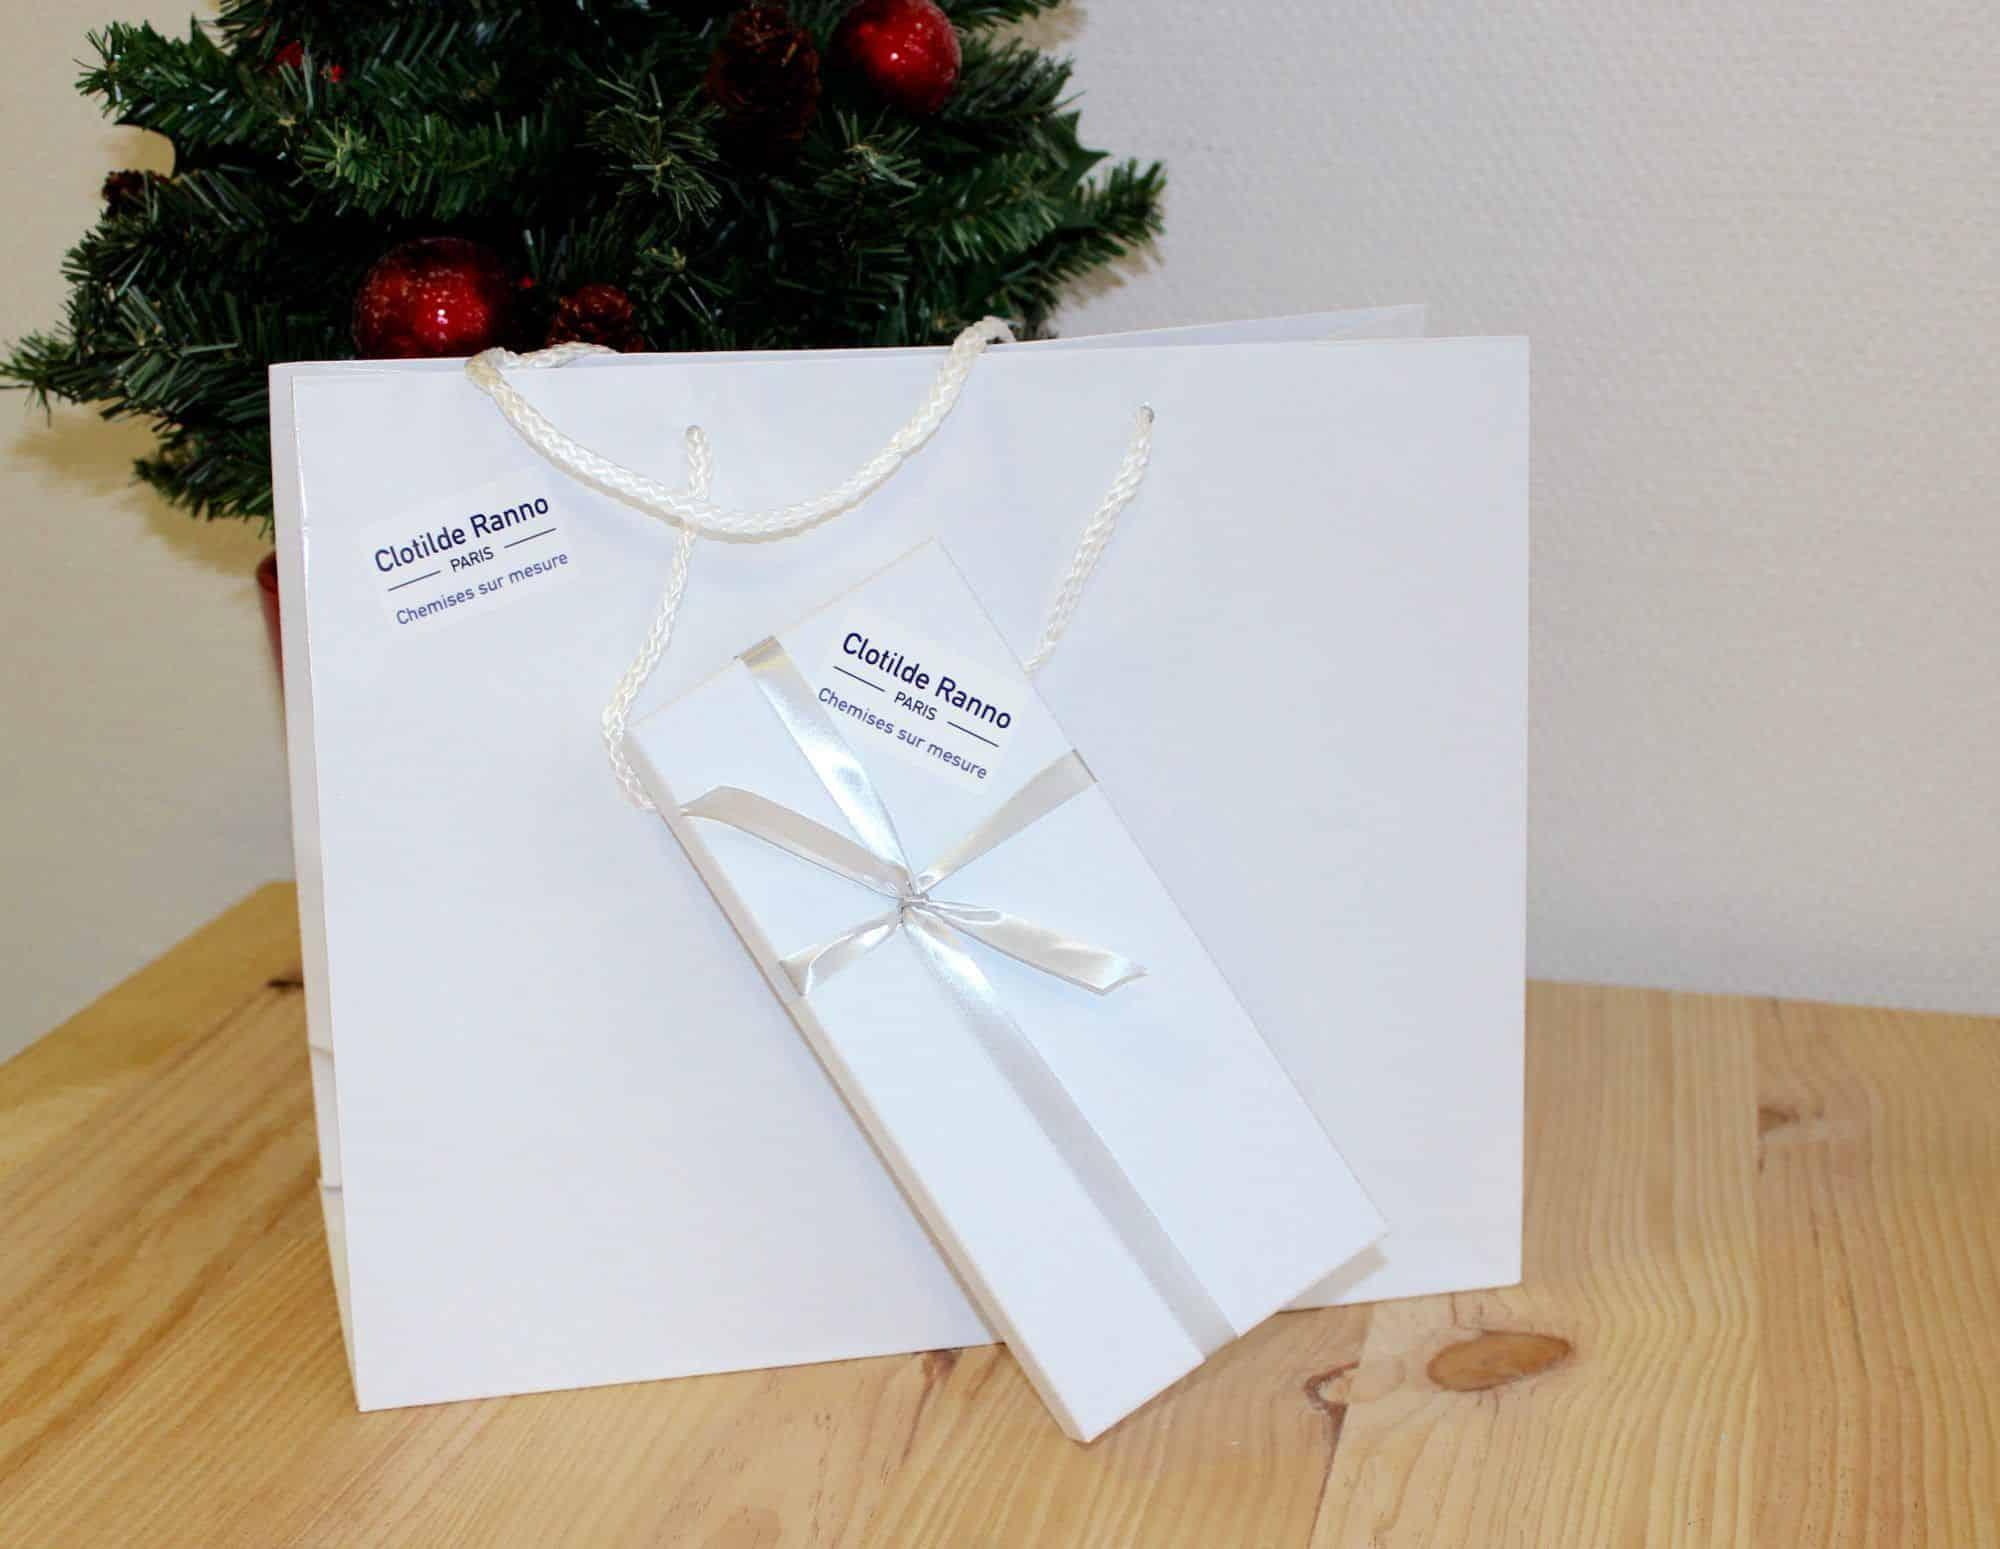 coffret cadeau chemise sur mesure, cadeau homme, cadeau femme, cadeau noel, cadeau, idée cadeau, offrir une chemise sur mesure, coffret cadeau chemise, coffret chemise sur mesure, cadeau anniversaire, cadeau départ, cadeau retraite